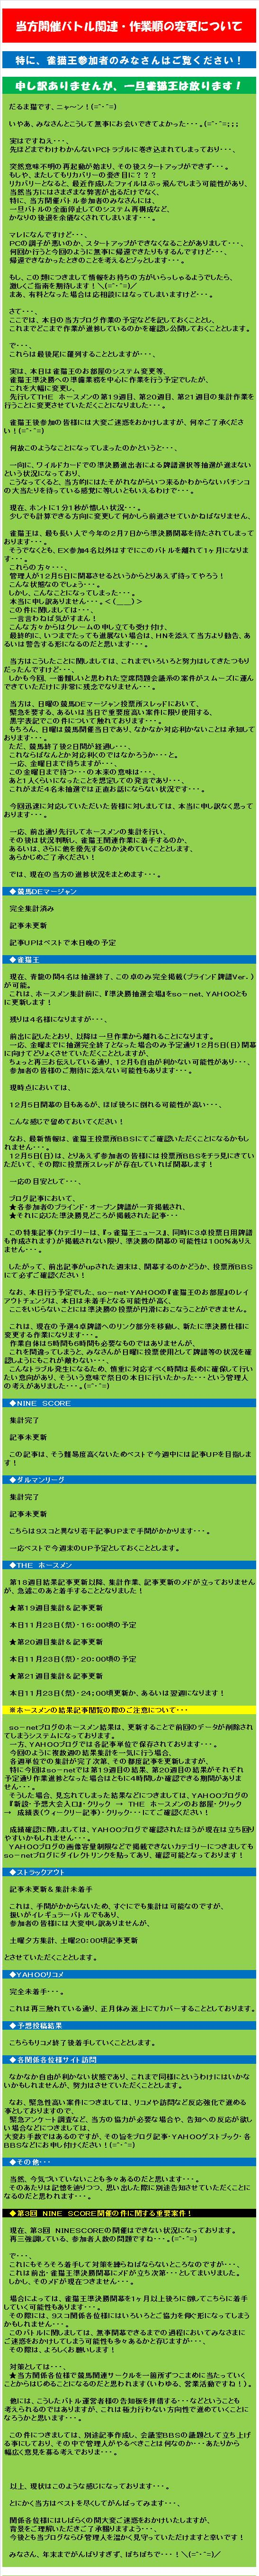 20101123・ブログ記事A.jpg